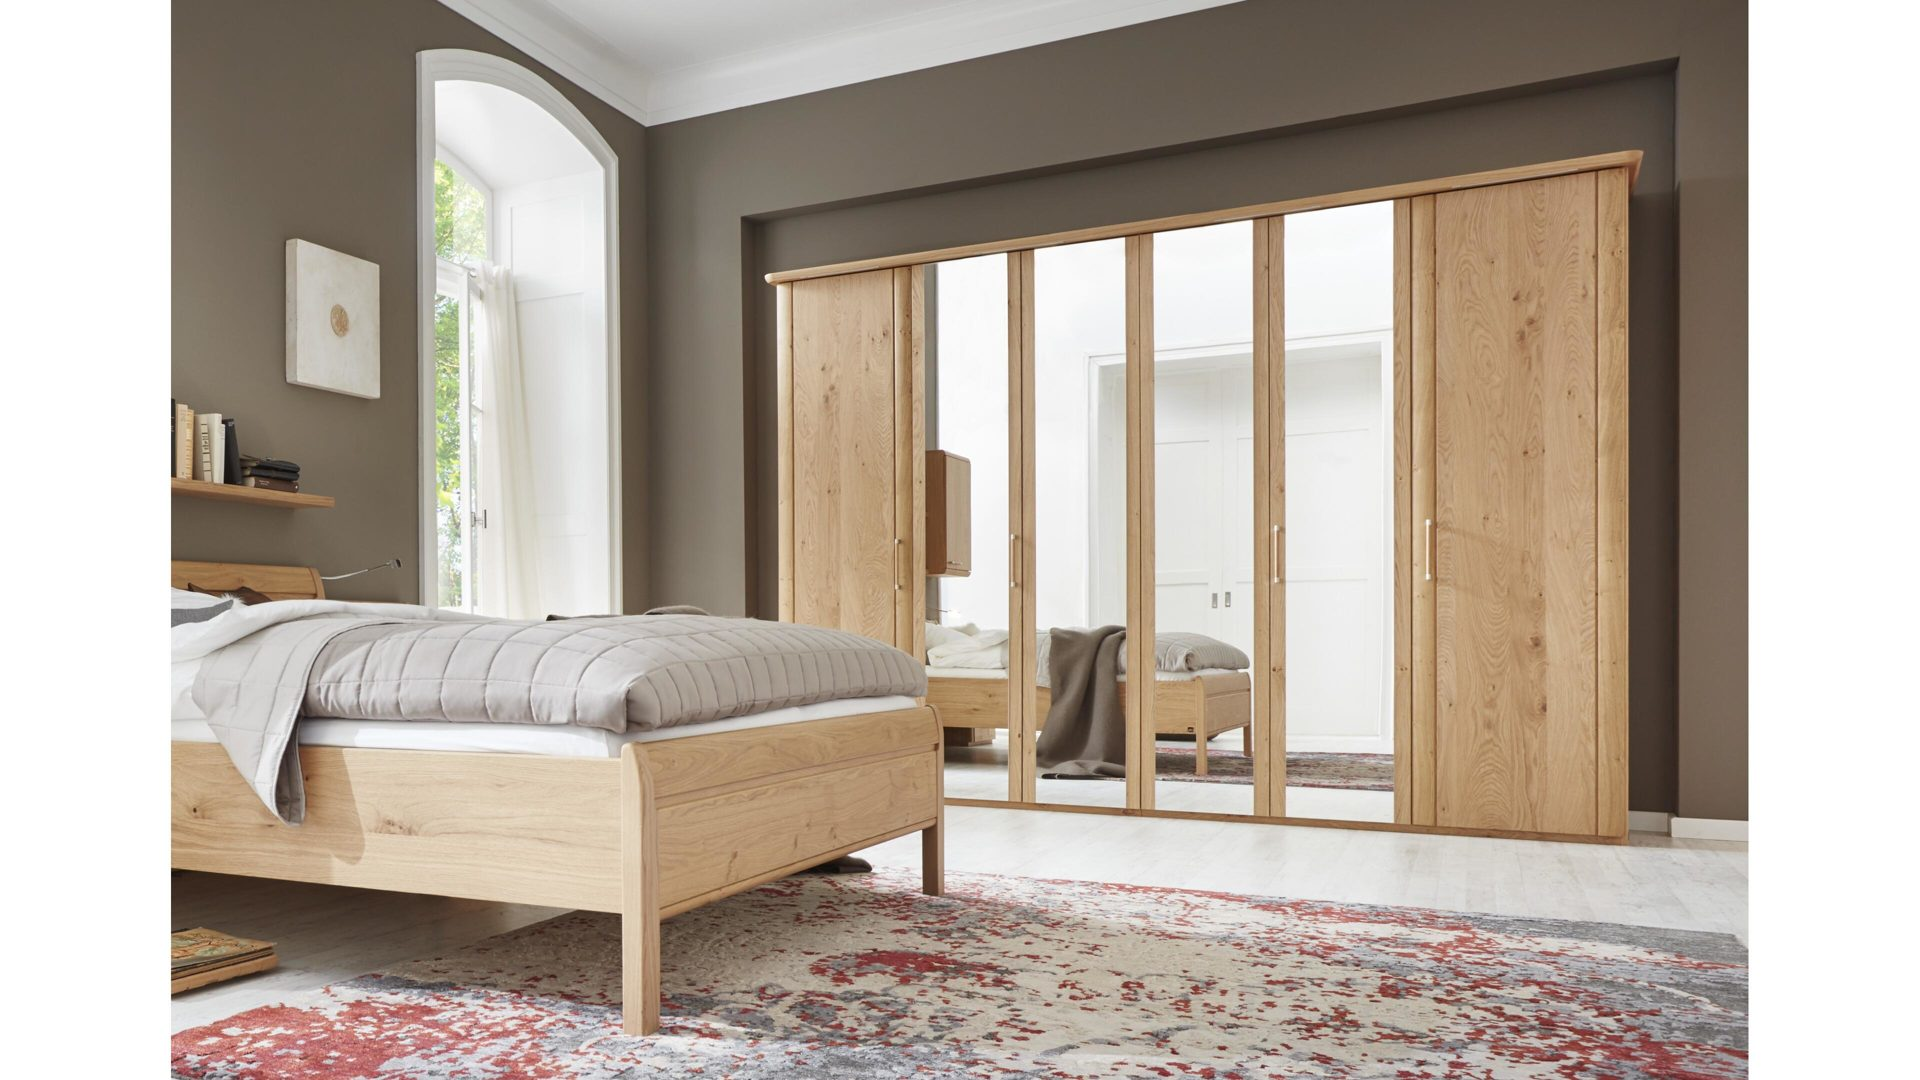 Interliving Schlafzimmer Serie 1001 – Kleiderschrank,  Wildeiche-Echtholzfurnier – sechs Türen